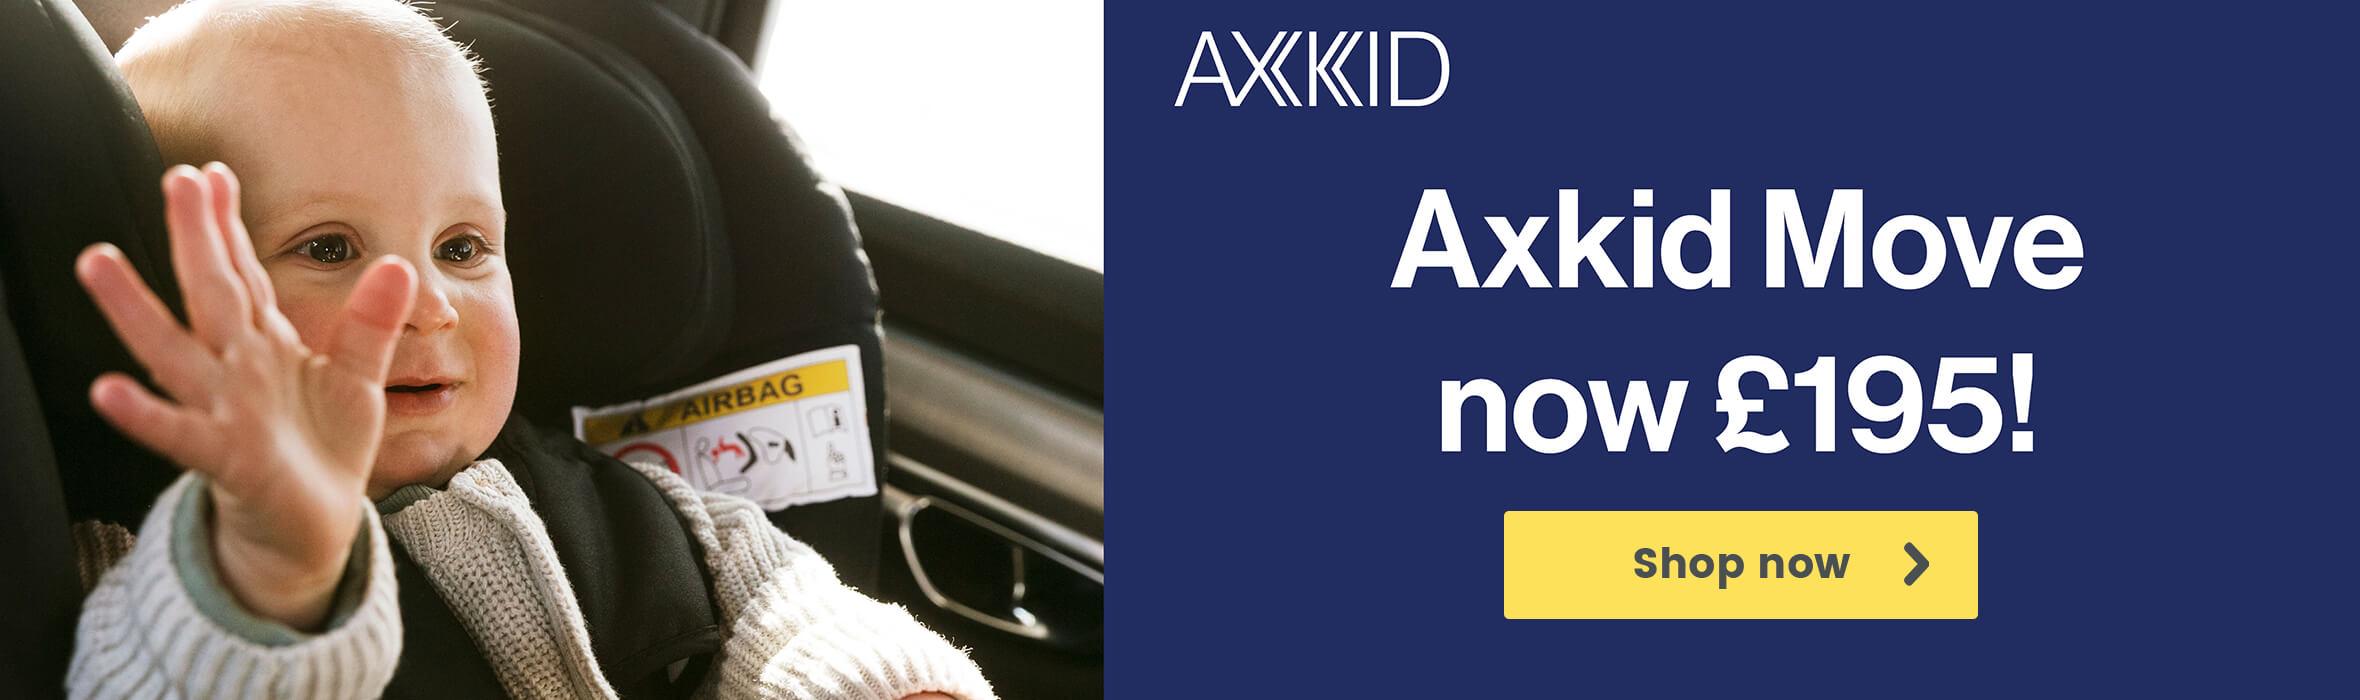 Axkid Move Now £195!